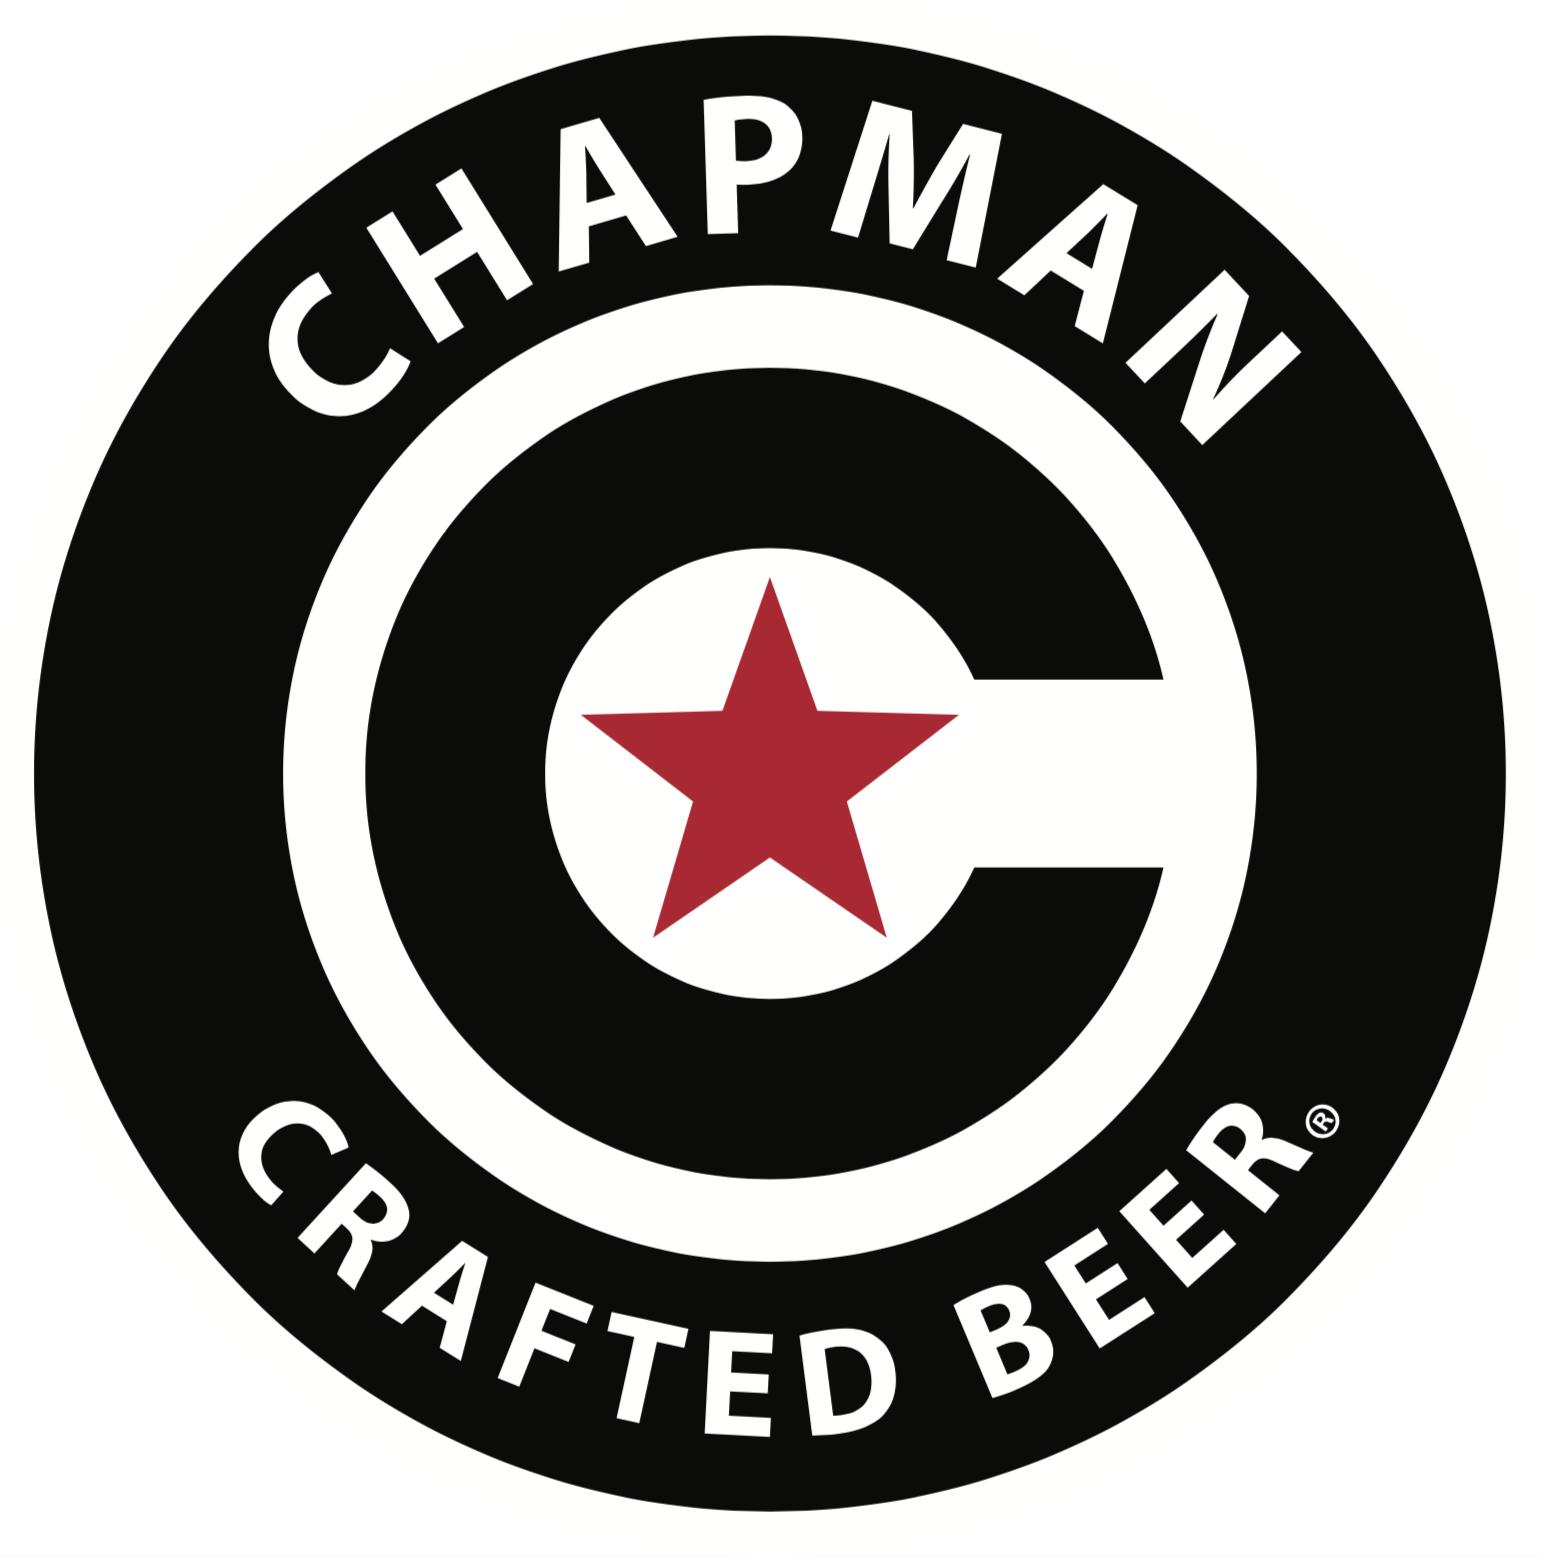 Chapman_Beer_png.png